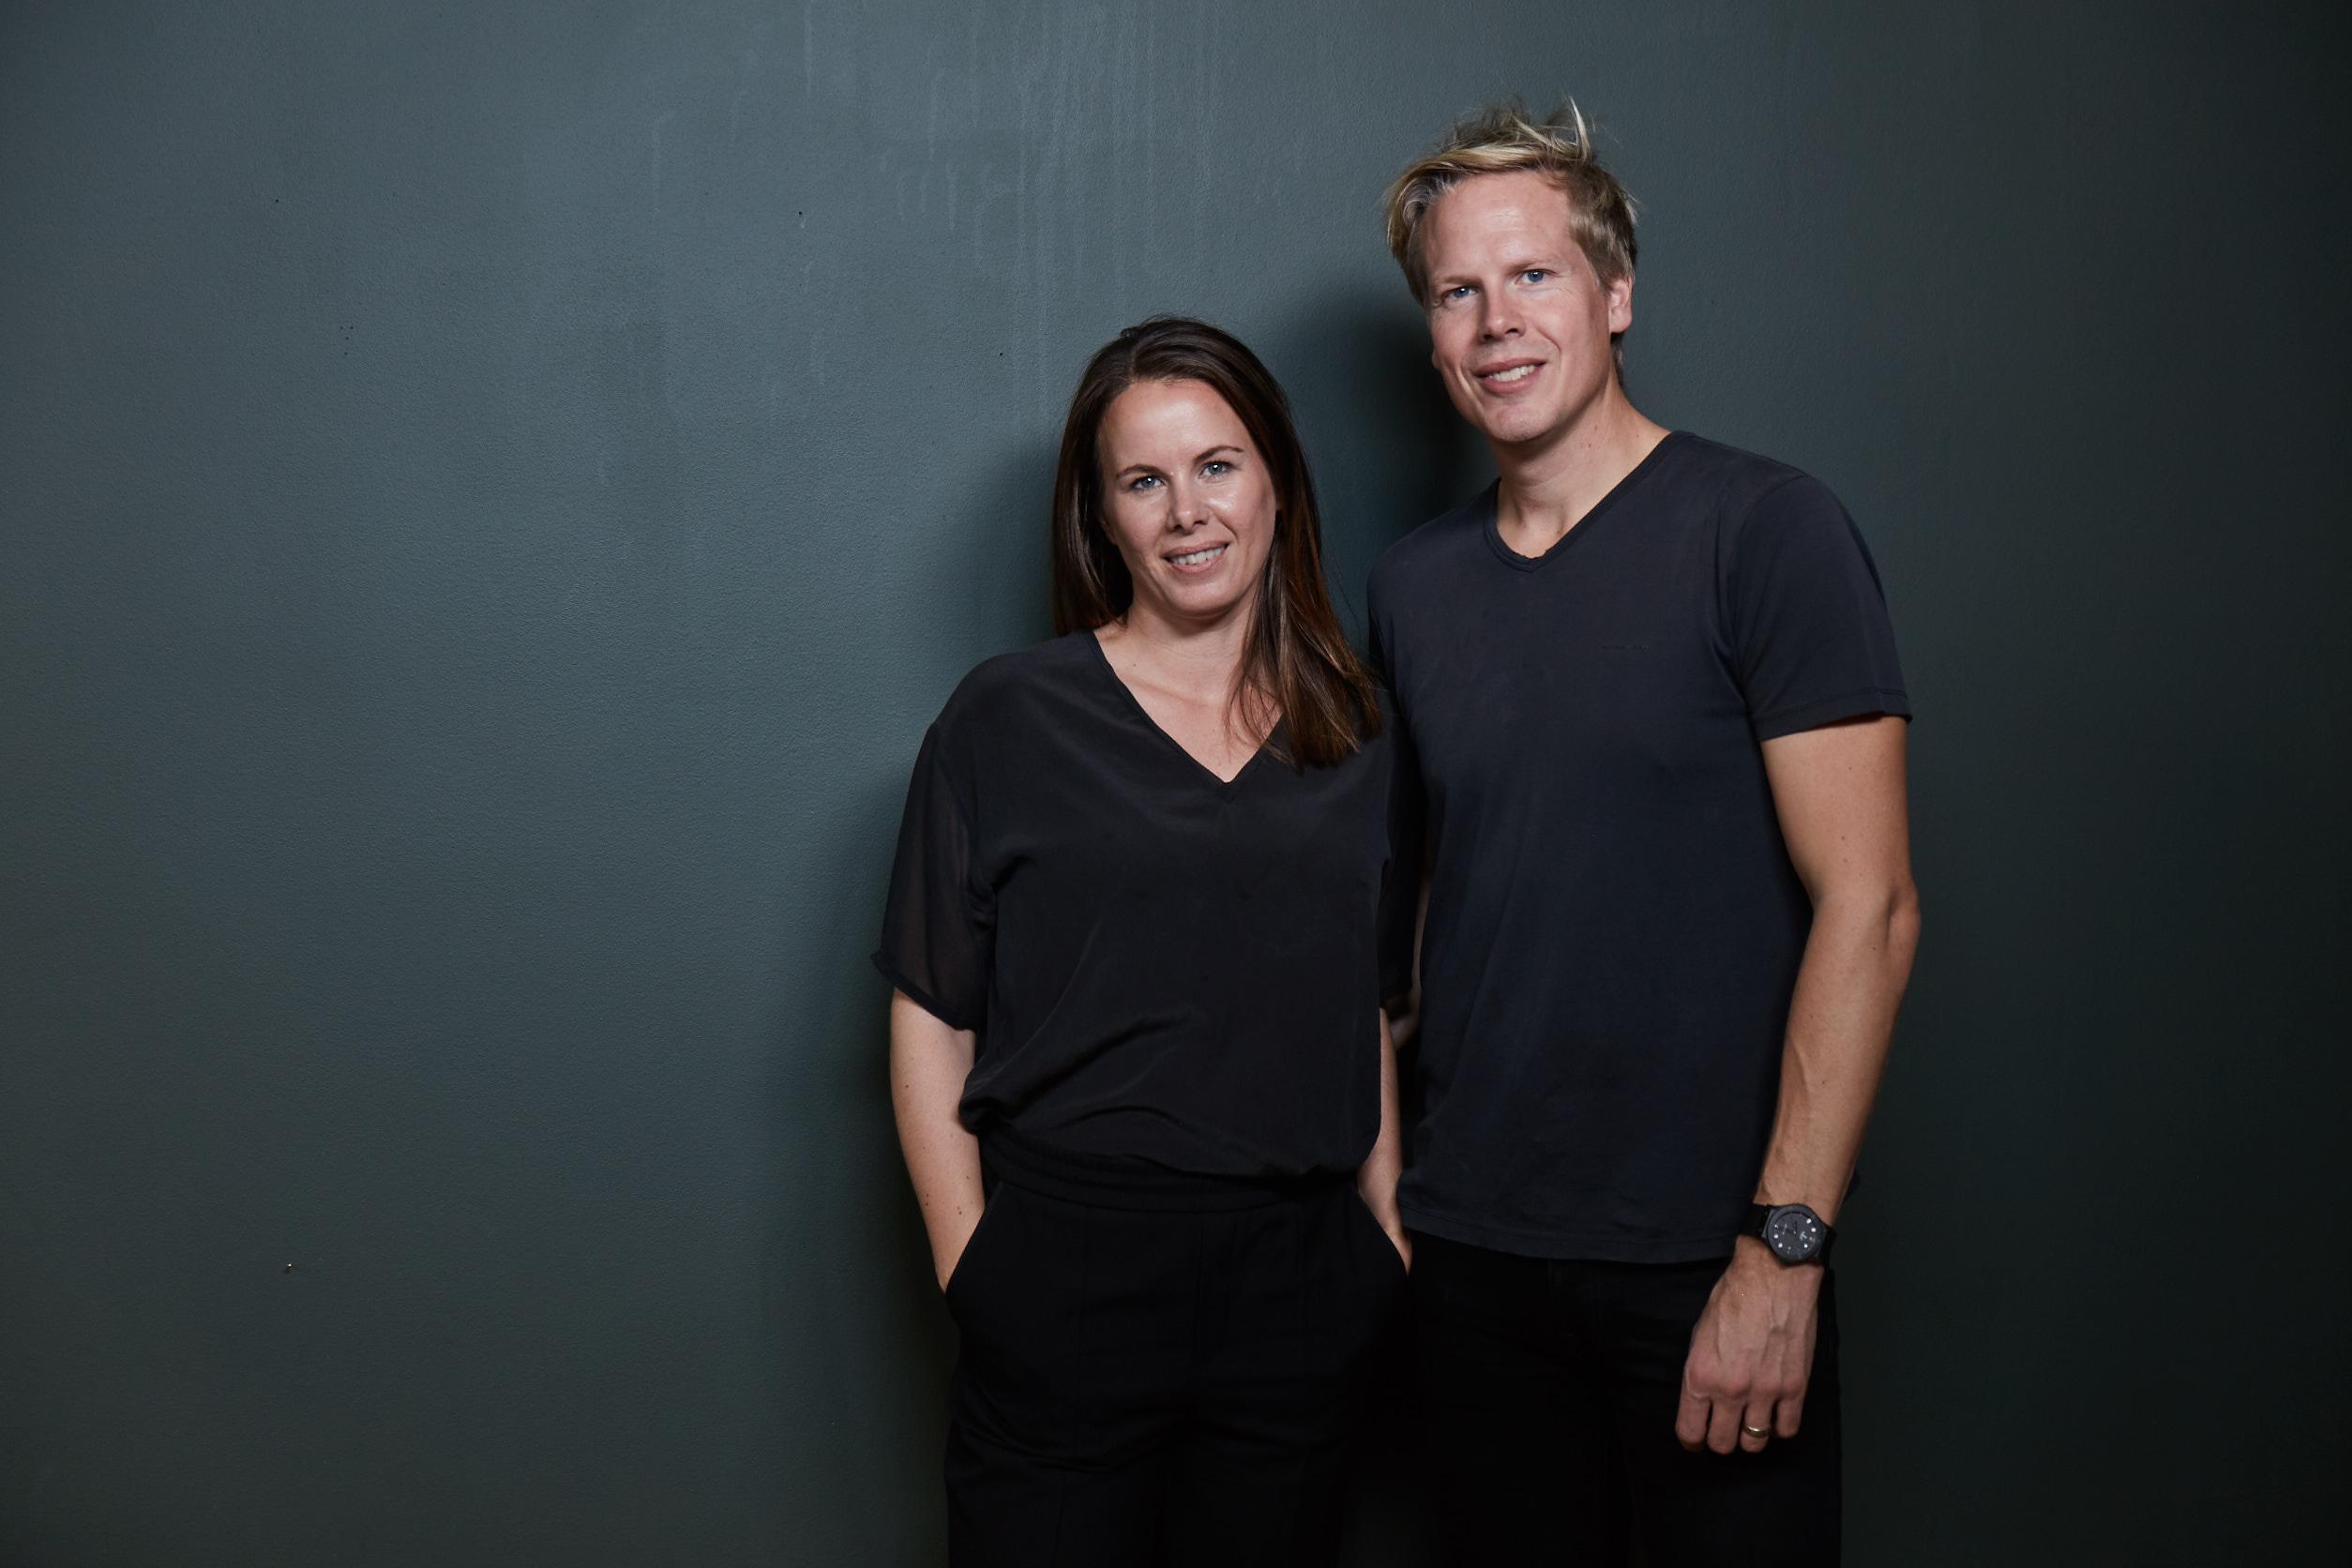 Alva har nått första miljonen - öppnar popup i Göteborg